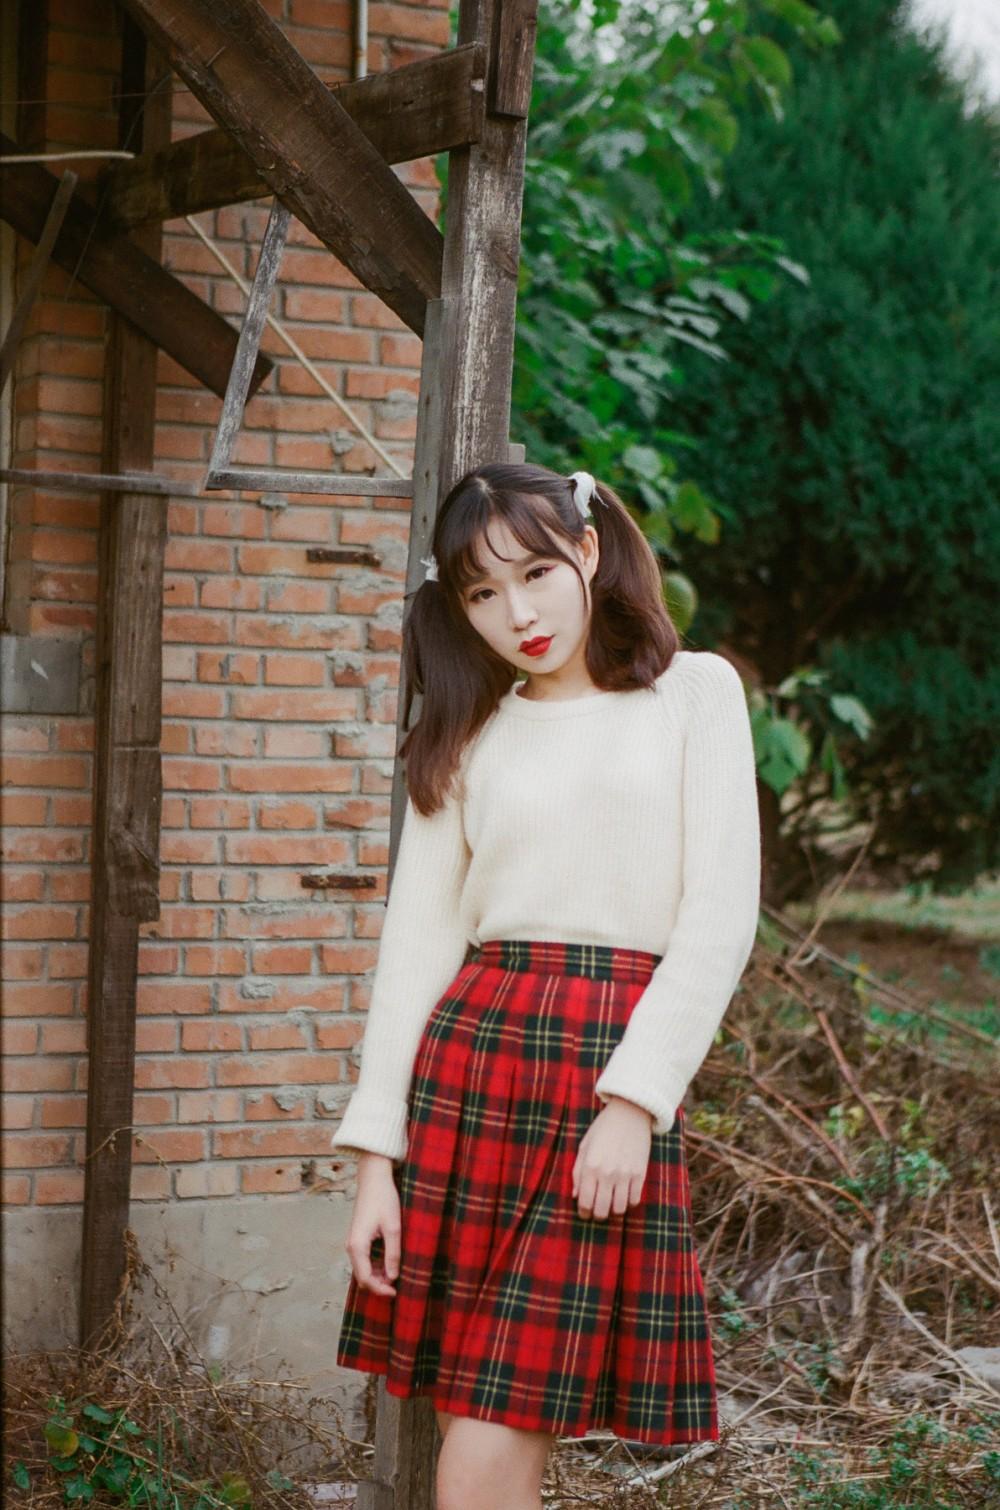 邻家大女孩 @马骏同学-菲林中文-独立胶片摄影门户!